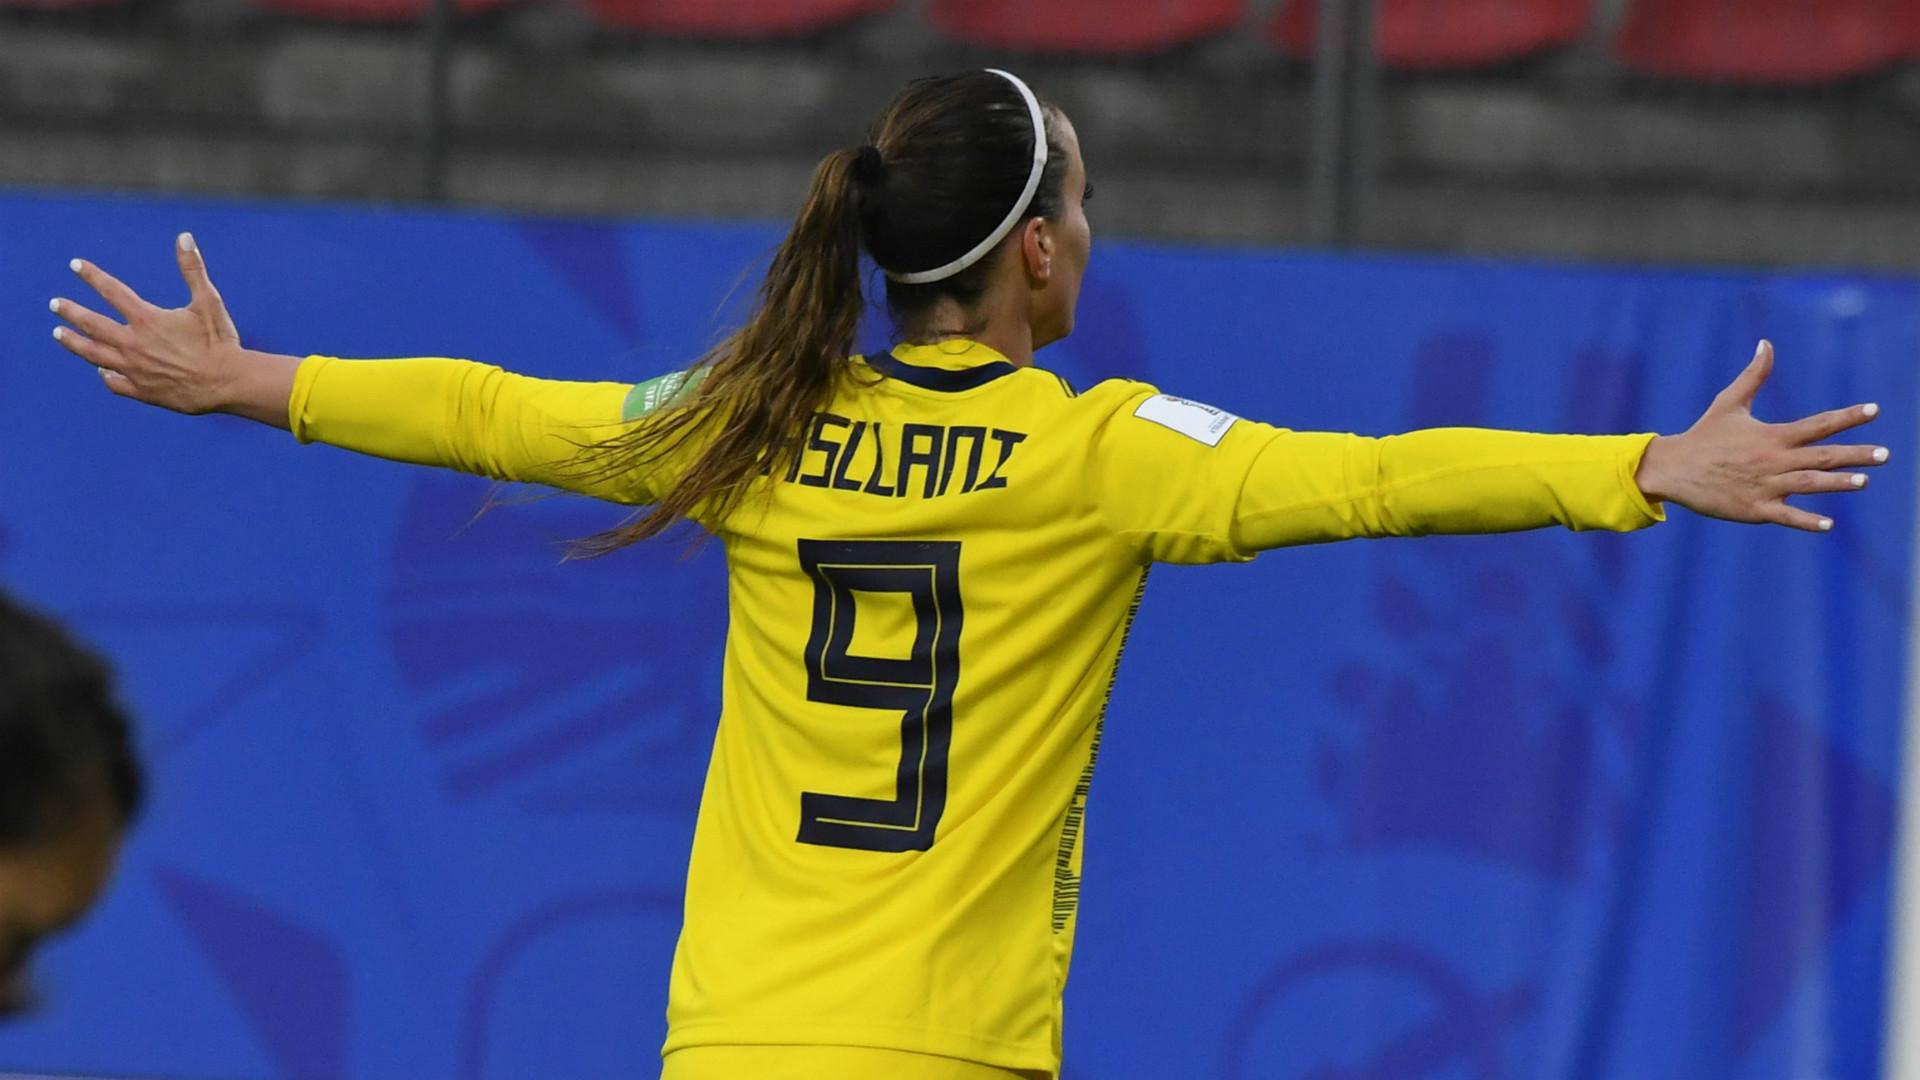 VIDEO - Le résumé de Chili 0-2 Suède